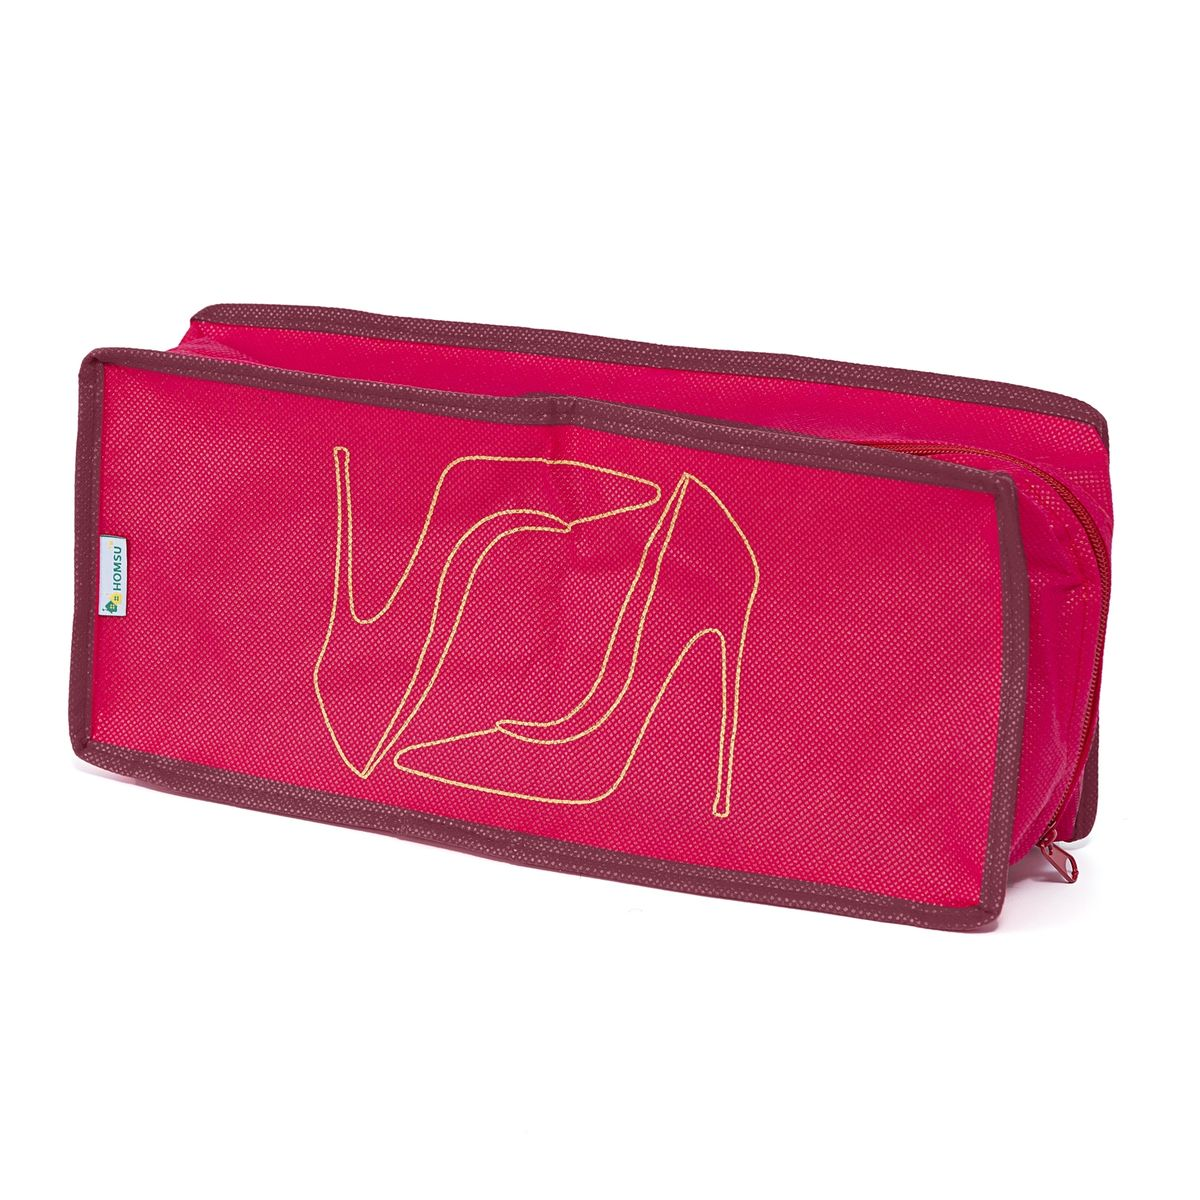 Органайзер для обуви Homsu Lady in Red, 35 х 15 х 11 см01002003-10Органайзер для обуви Homsu Lady in Red выполнен из спанбонда и картона. Органайзер для обуви удобно вмещает в себя одну пару обуви, он не проницаемый для влаги и грязи и поможет полноценно сберечь вашу обувь как в домашнем хранении, так и во время транспортировки.